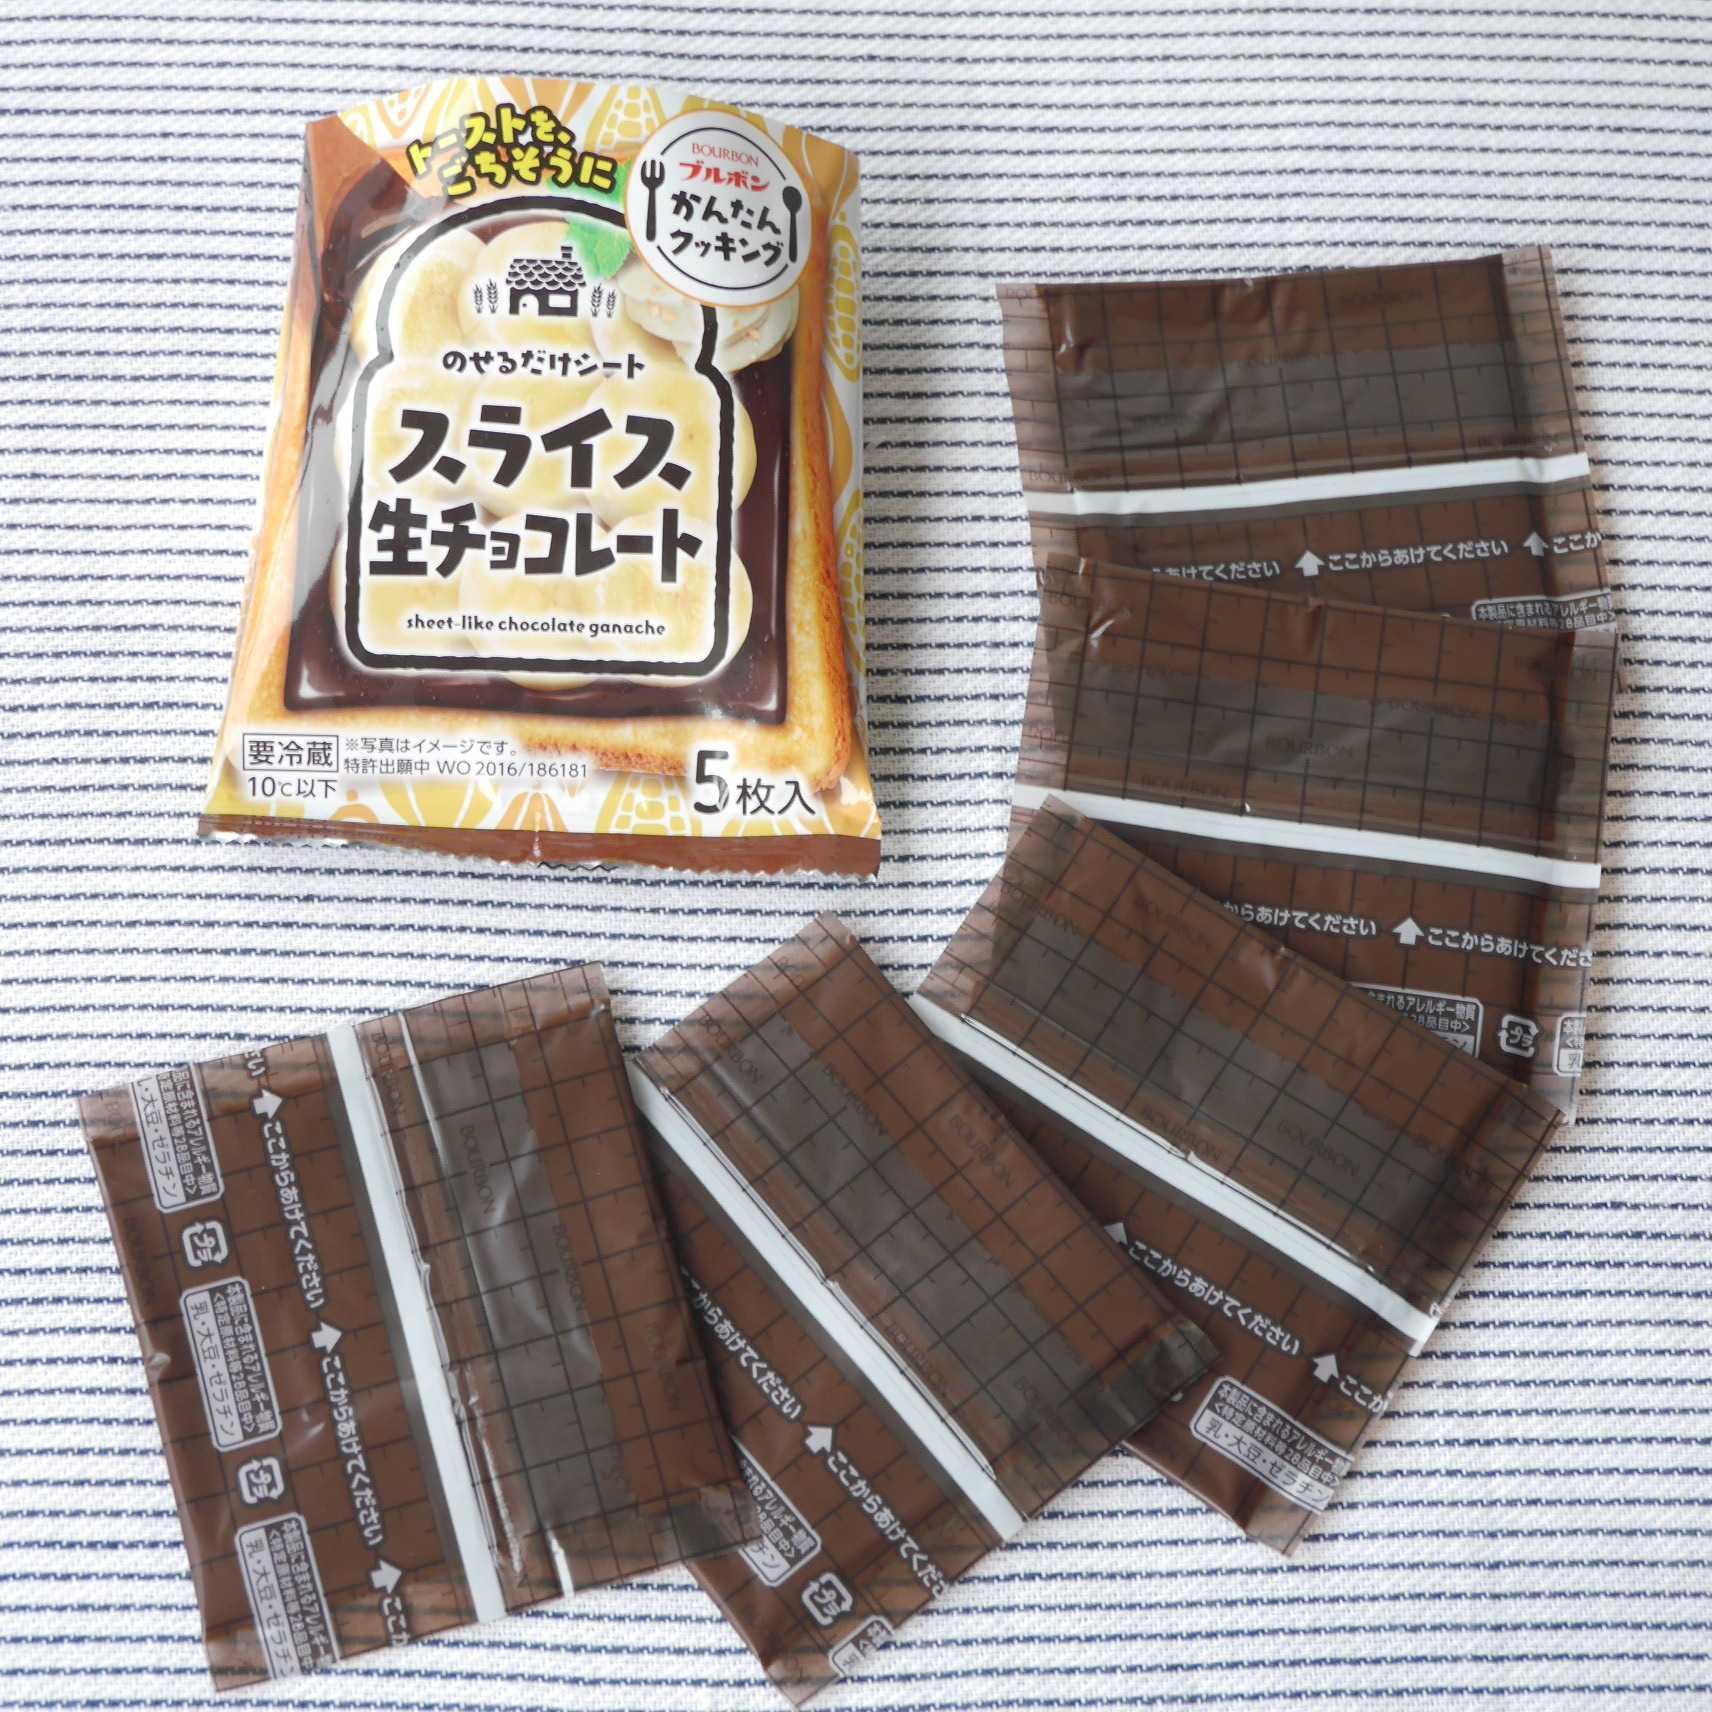 スライス生チョコレート_内容